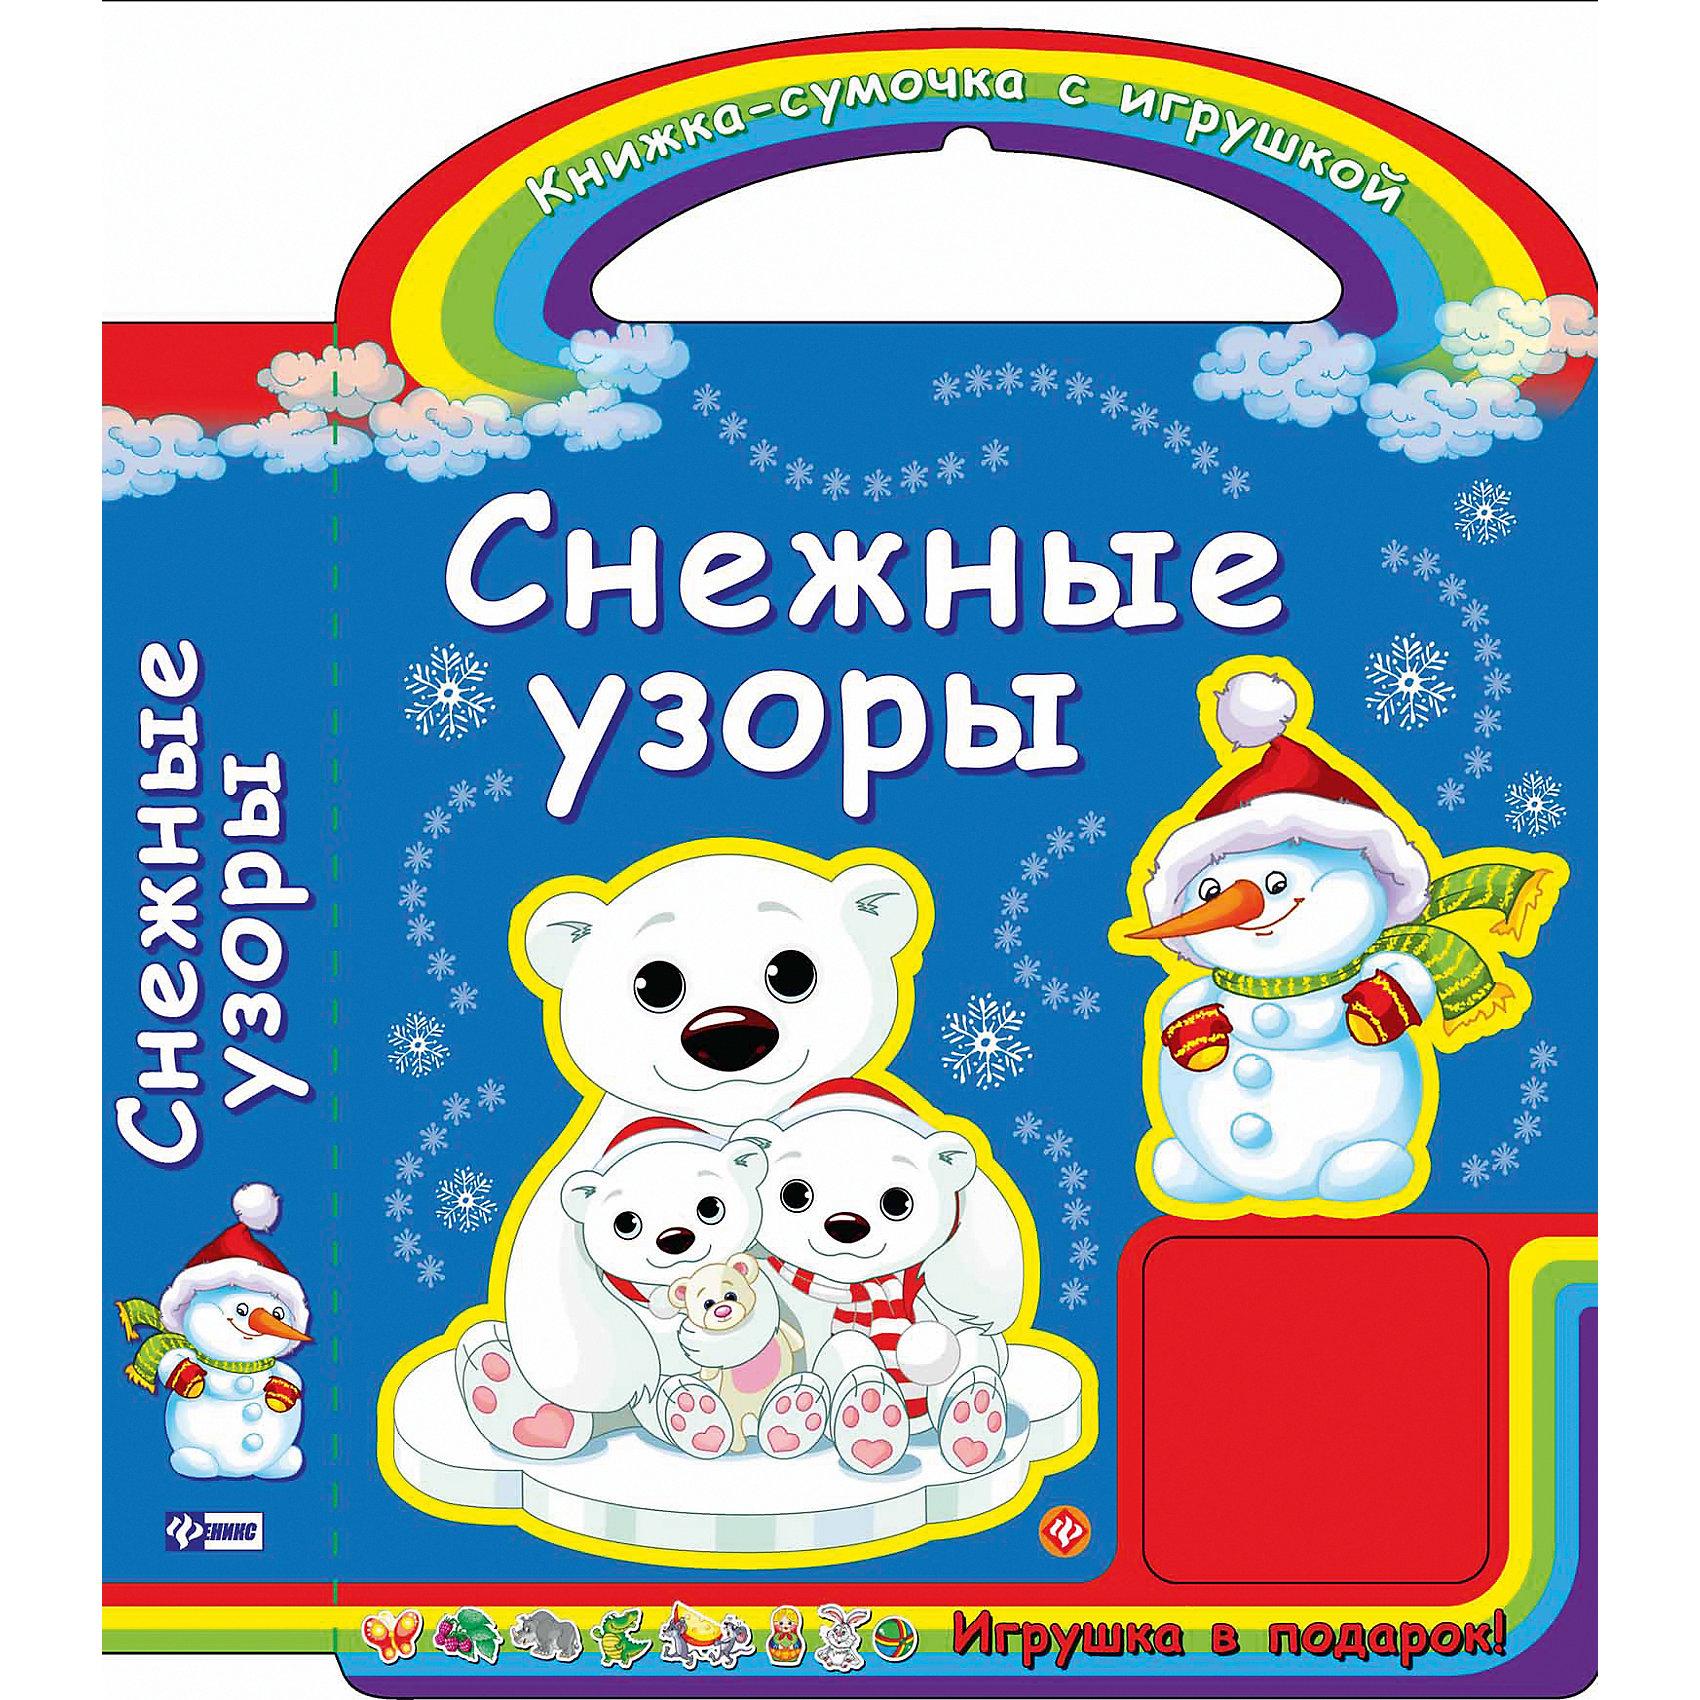 Снежные узорыНовогодние книги<br>Красочная книжка-игрушка Снежные узоры непременно порадует Вашего малыша. Веселые и добрые стихотворения на новогоднюю тематику поднимут настроение и создадут атмосферу новогодней сказки. Книжка выполнена в виде сумочки с ручкой, за которую ее удобно носить.<br>На каждой страничке яркие красивые иллюстрации, которые ребенок с интересом будет рассматривать. Странички изготовлены из плотного ламинированного картона, малыш не сможет порвать или повредить их. В комплект входит подарочная игрушка-фигурка. <br><br>Дополнительная информация:<br><br>- Автор: С. А. Гордиенко.<br>- Серия: Книжка-сумочка с игрушкой.<br>- Обложка: картон.<br>- Иллюстрации: цветные.<br>- Объем: 10 стр. (ПВХ).<br>- Размер: 29 x 2,5 x 22,2 см.<br>- Вес: 0,336 кг.<br><br>Книгу Снежные узоры, Феникс-Премьер, можно купить в нашем интернет-магазине.<br><br>Ширина мм: 290<br>Глубина мм: 222<br>Высота мм: 26<br>Вес г: 2696<br>Возраст от месяцев: 72<br>Возраст до месяцев: 144<br>Пол: Унисекс<br>Возраст: Детский<br>SKU: 4771411